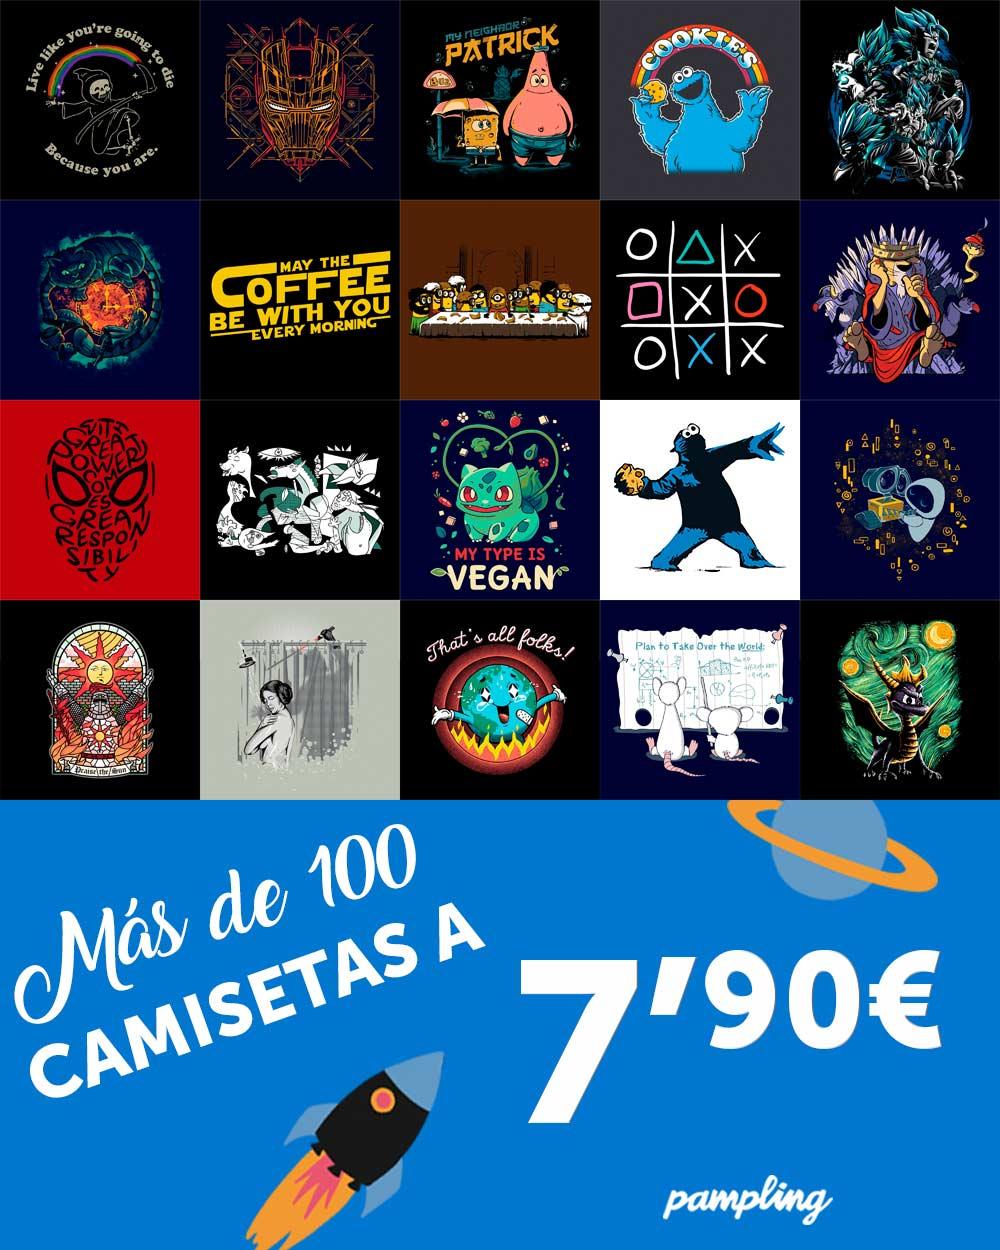 Camisetas PAMPLING a 7.9€